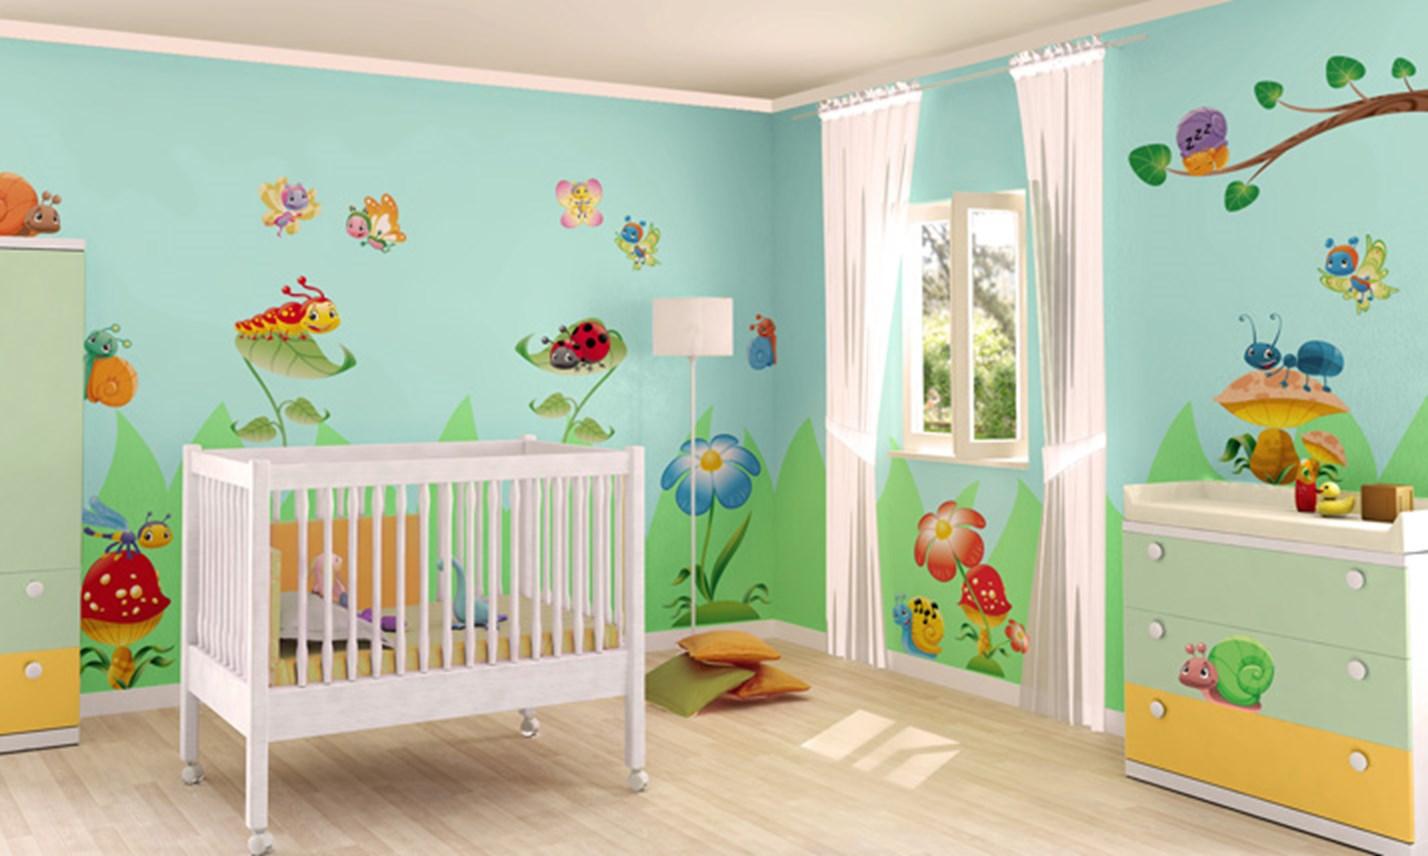 Stickers murali bambini cameretta amici del giardino leostickers - Adesivi per mobili bambini ...